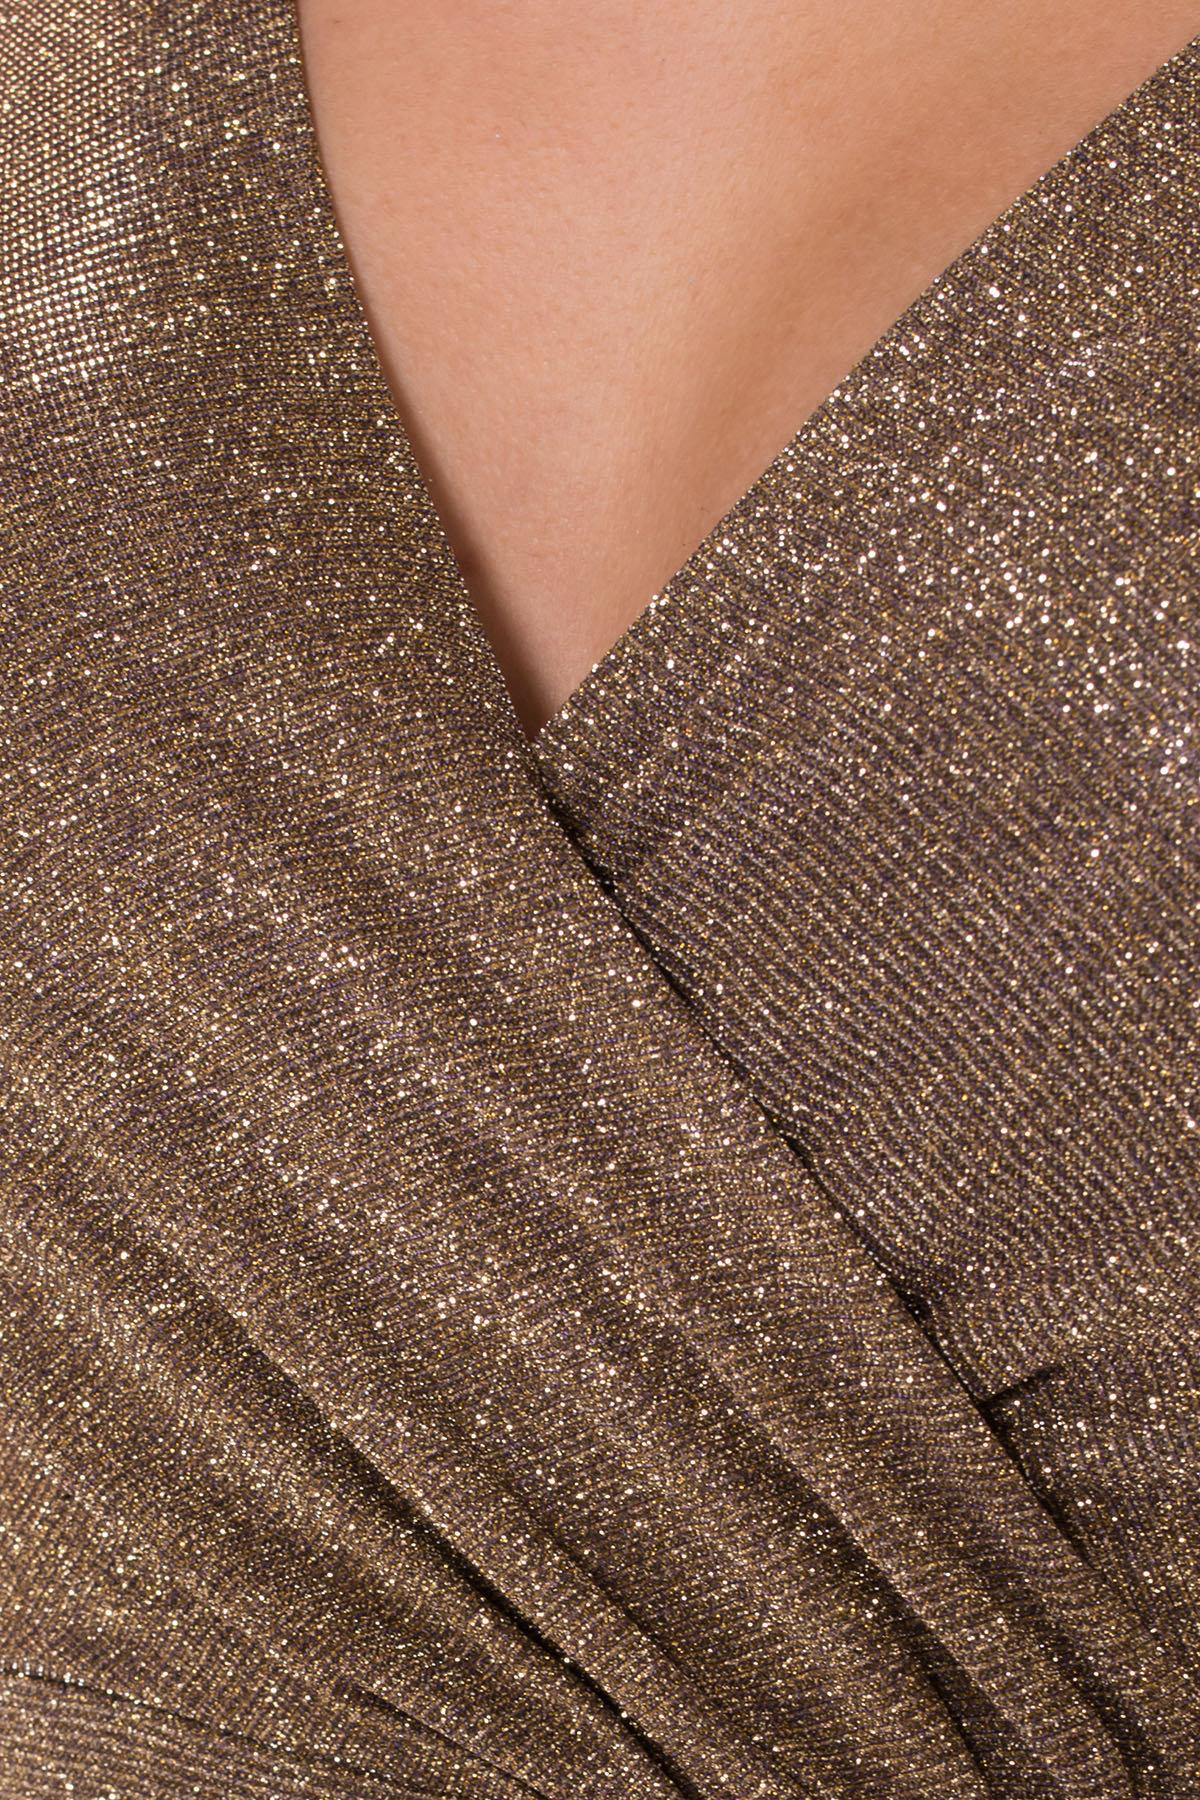 Нарядное платье с люрексом Фаселис 8527 АРТ. 44894 Цвет: Золото/серебро - фото 7, интернет магазин tm-modus.ru